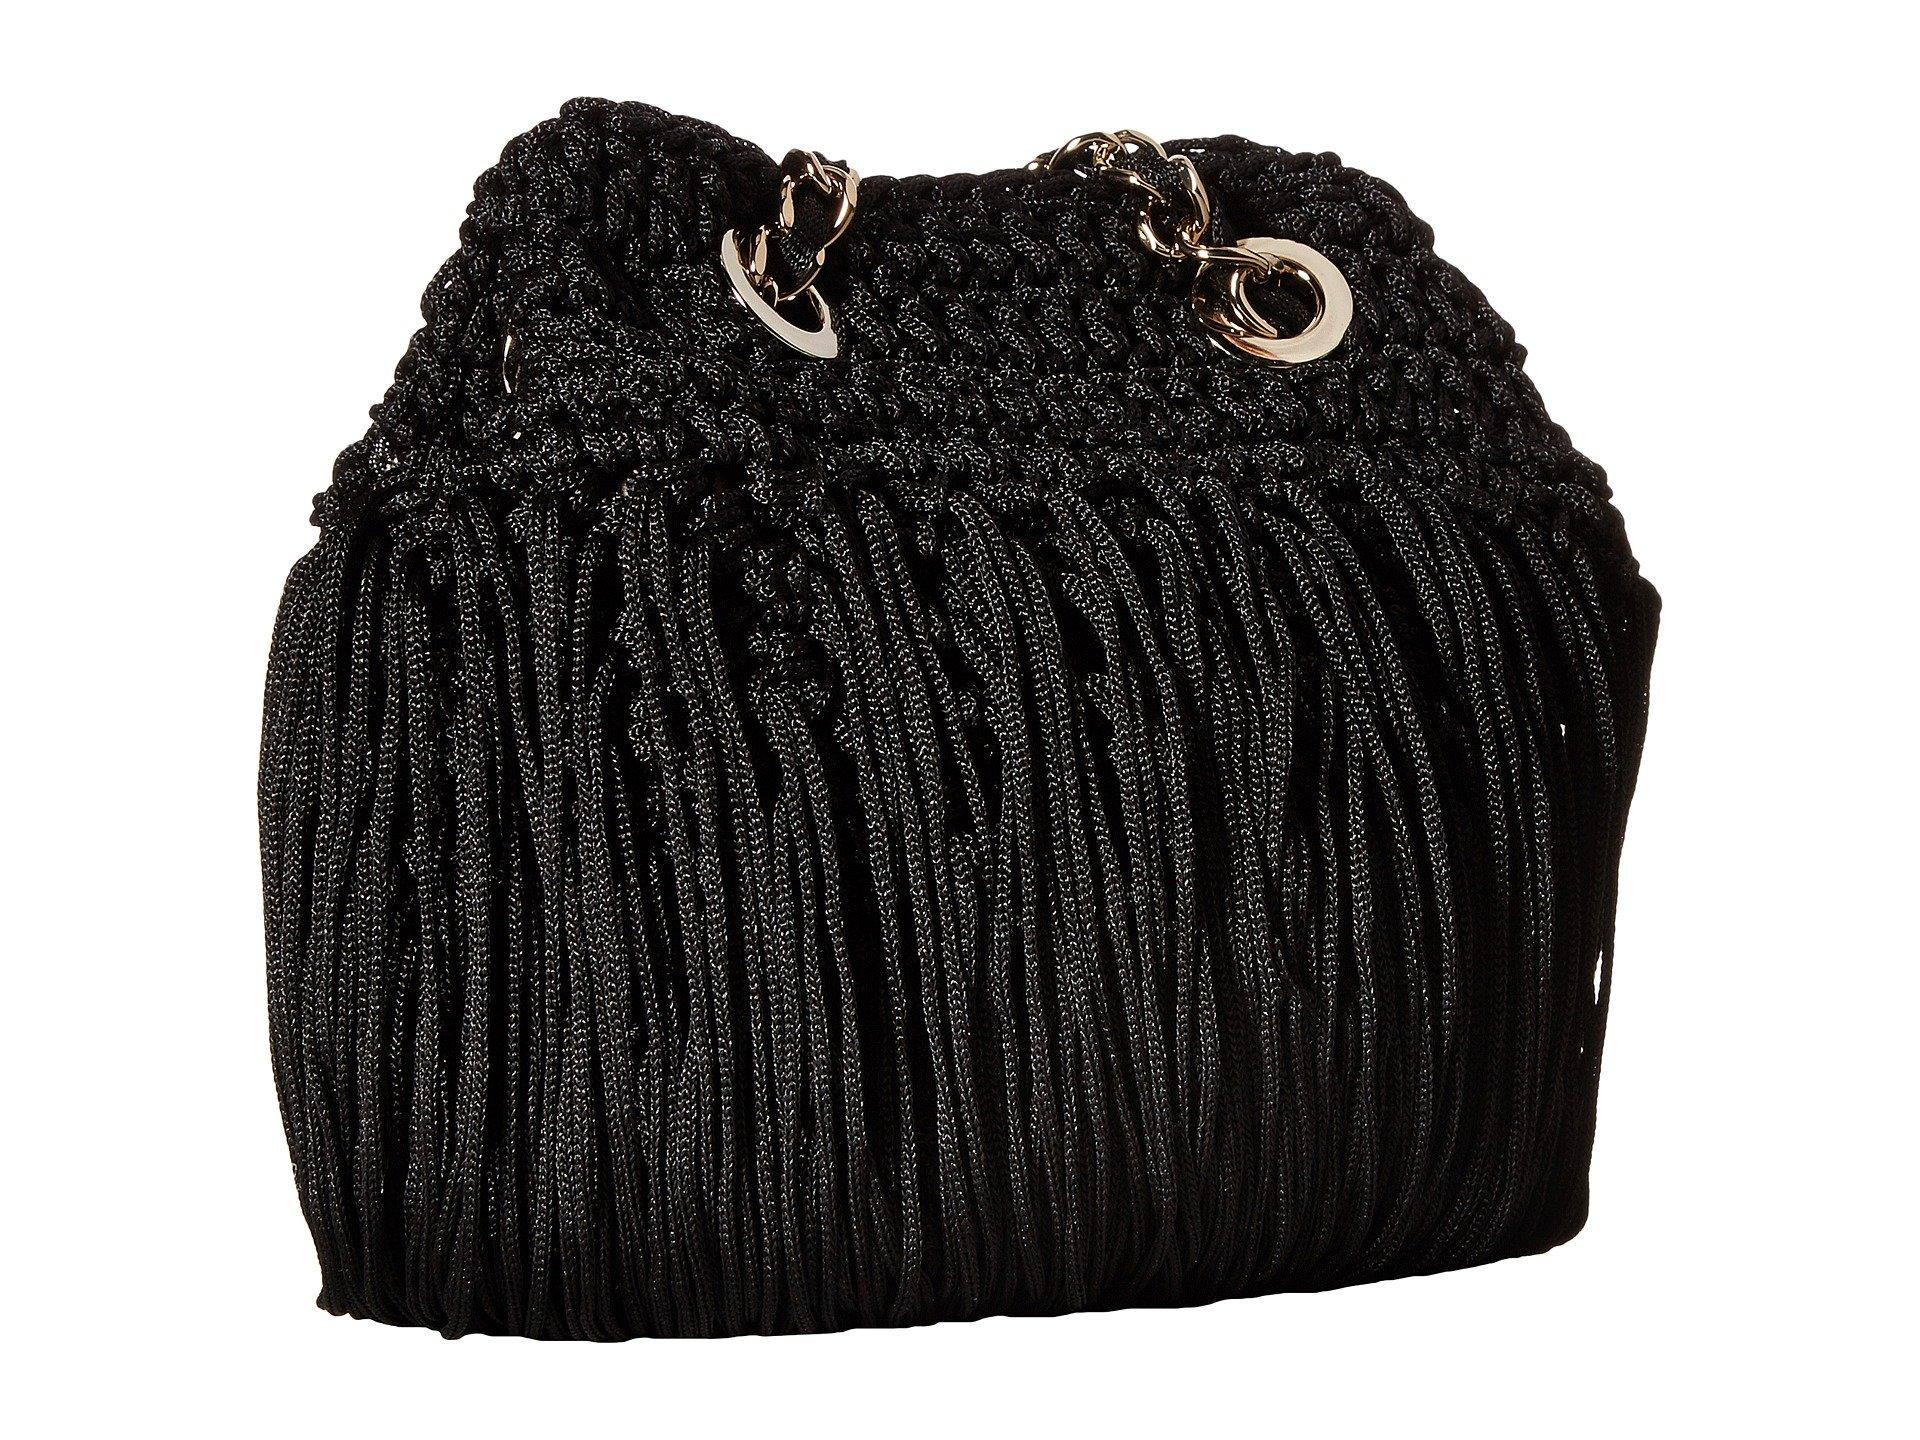 M Fringe Missoni Black M Bag Bag Fringe Missoni Black Missoni M twqBBfI